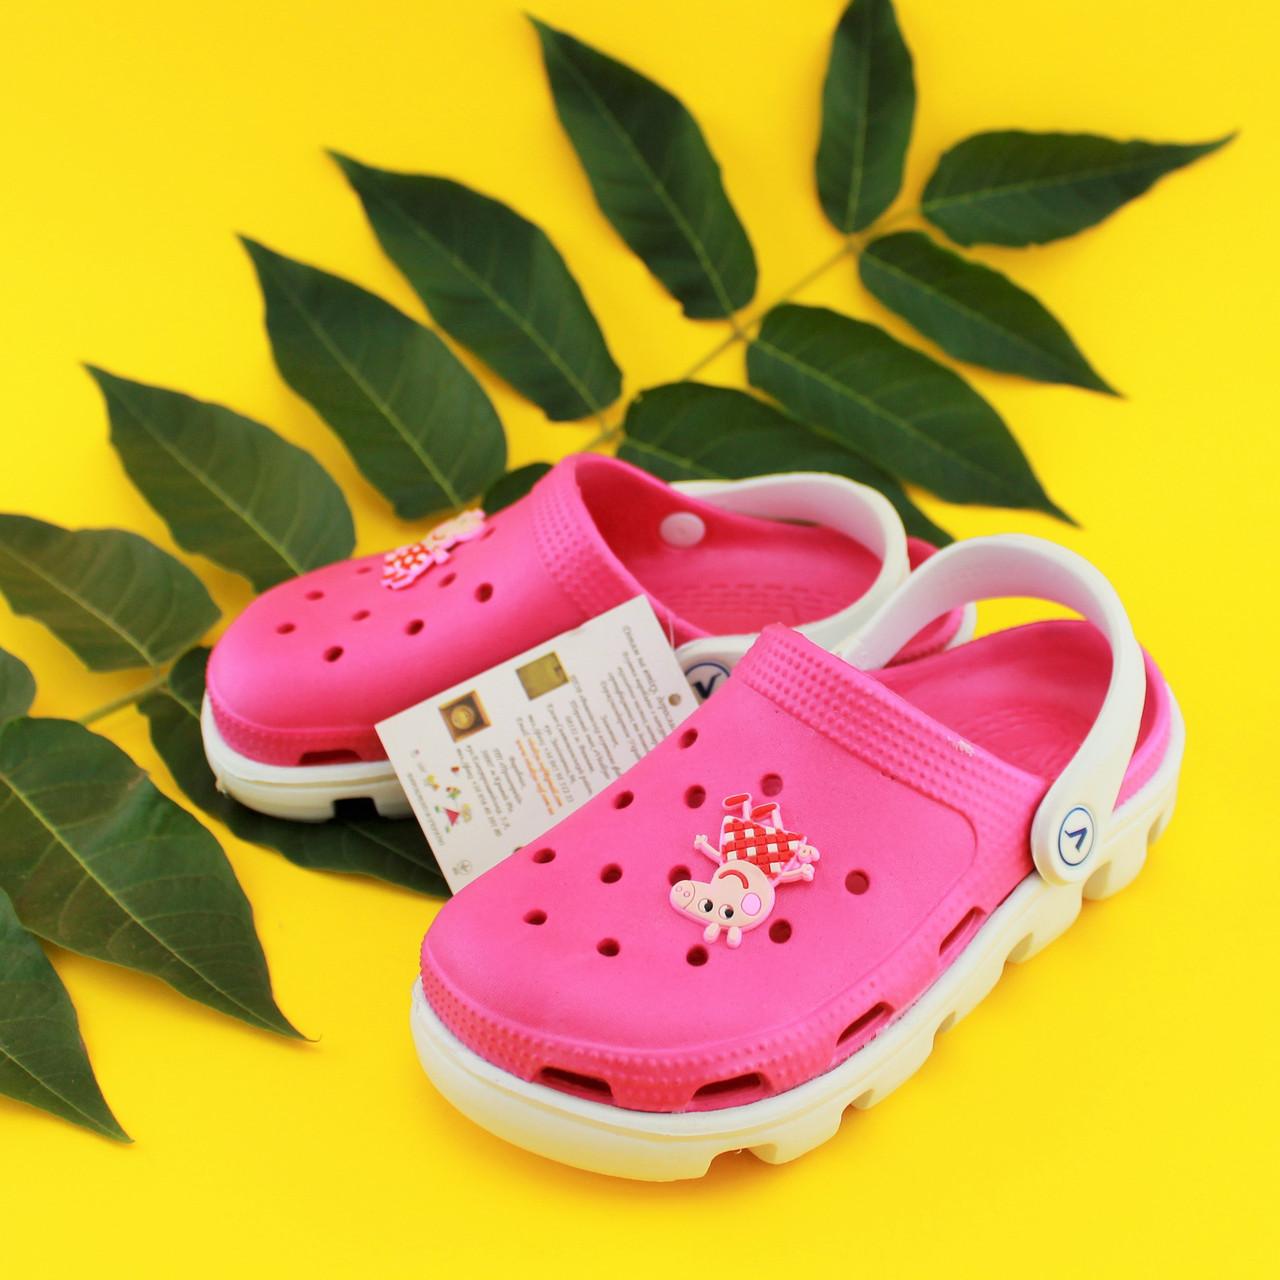 bd52a940a9e932 Купить Детские двухцветные кроксы с мультгероями для девочки Crocs р ...